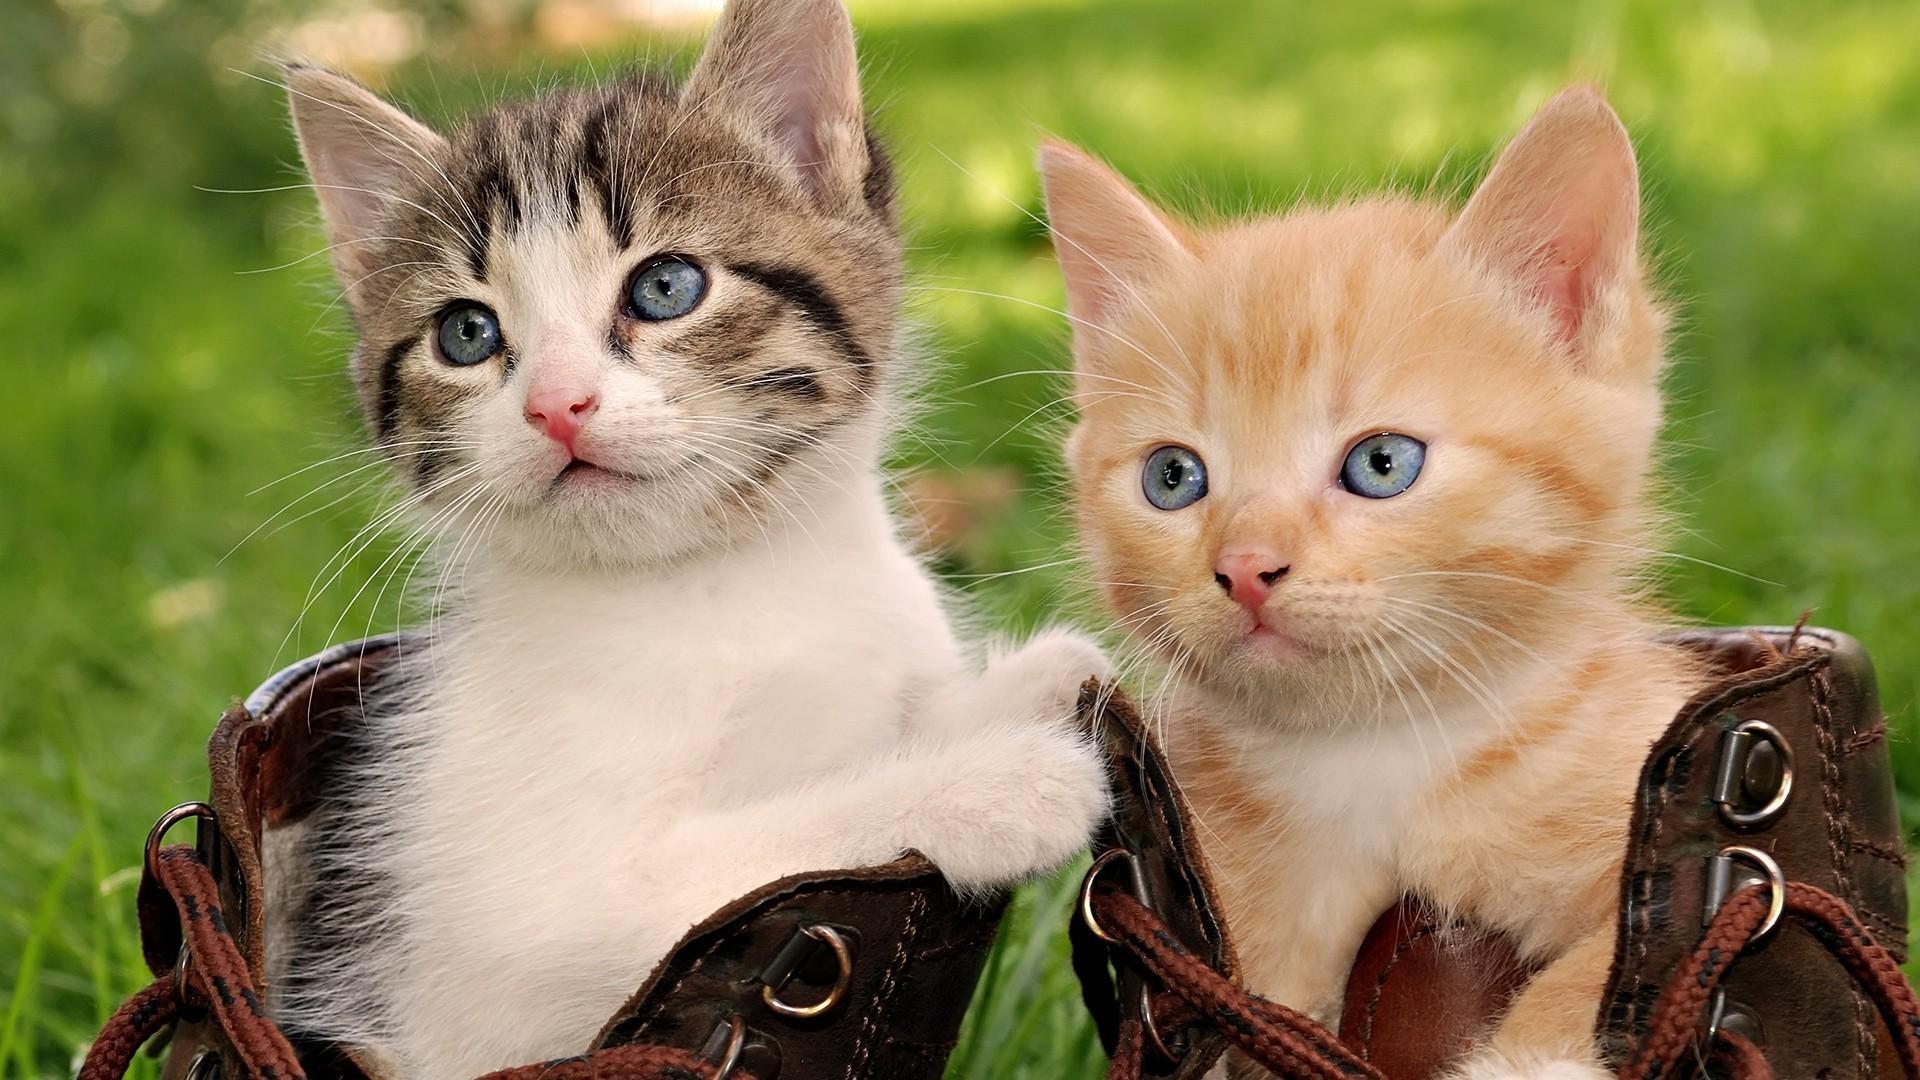 HD Cats Wallpaper